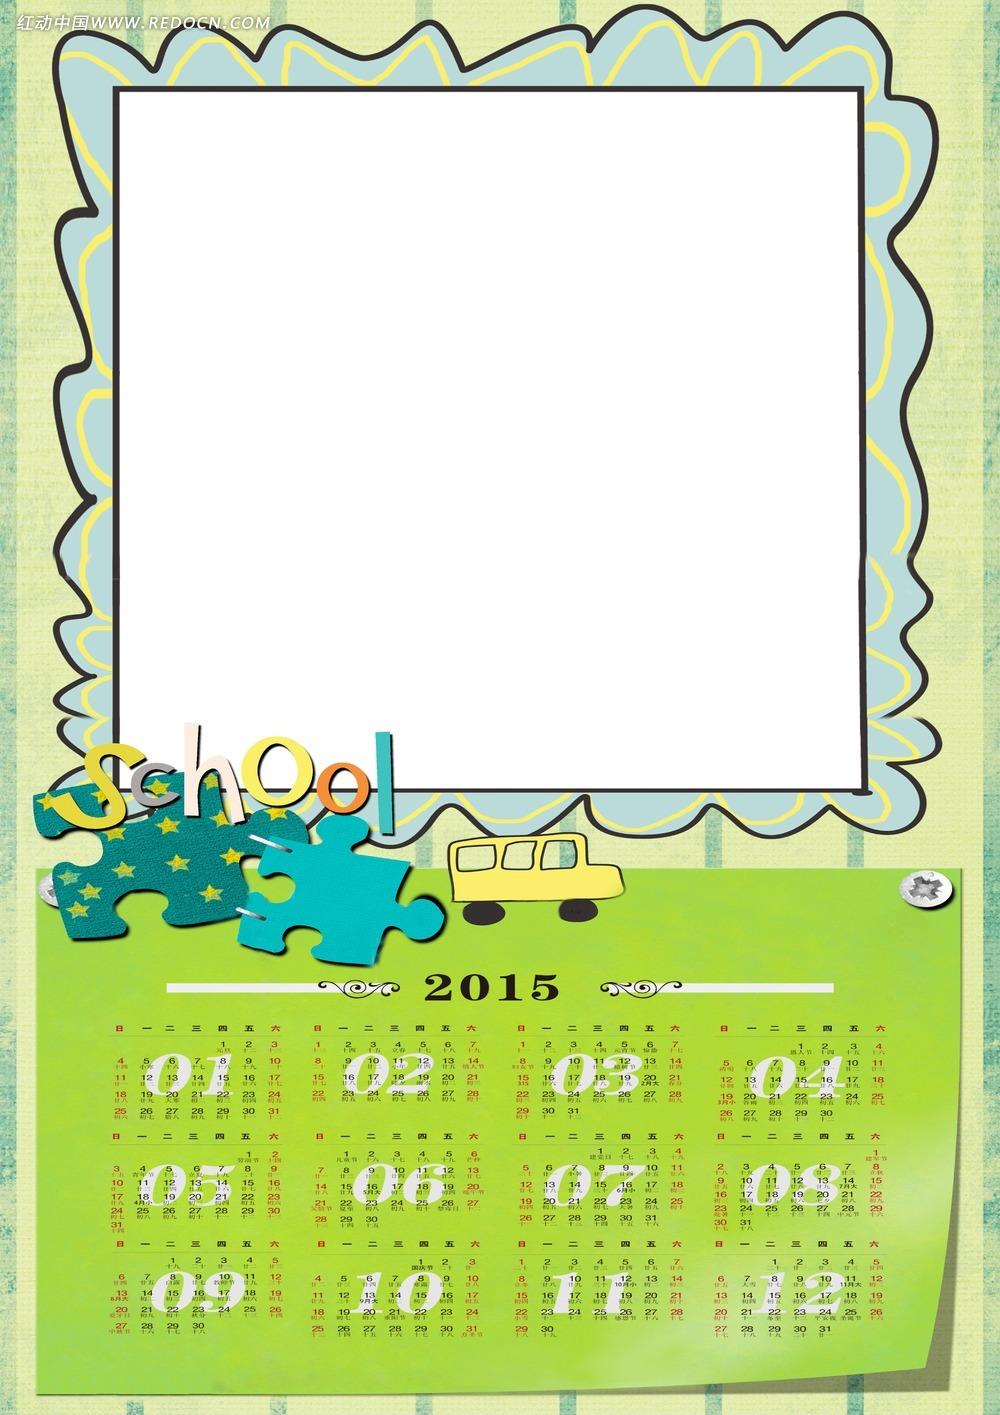 2015羊年汽车相框挂历模板图片